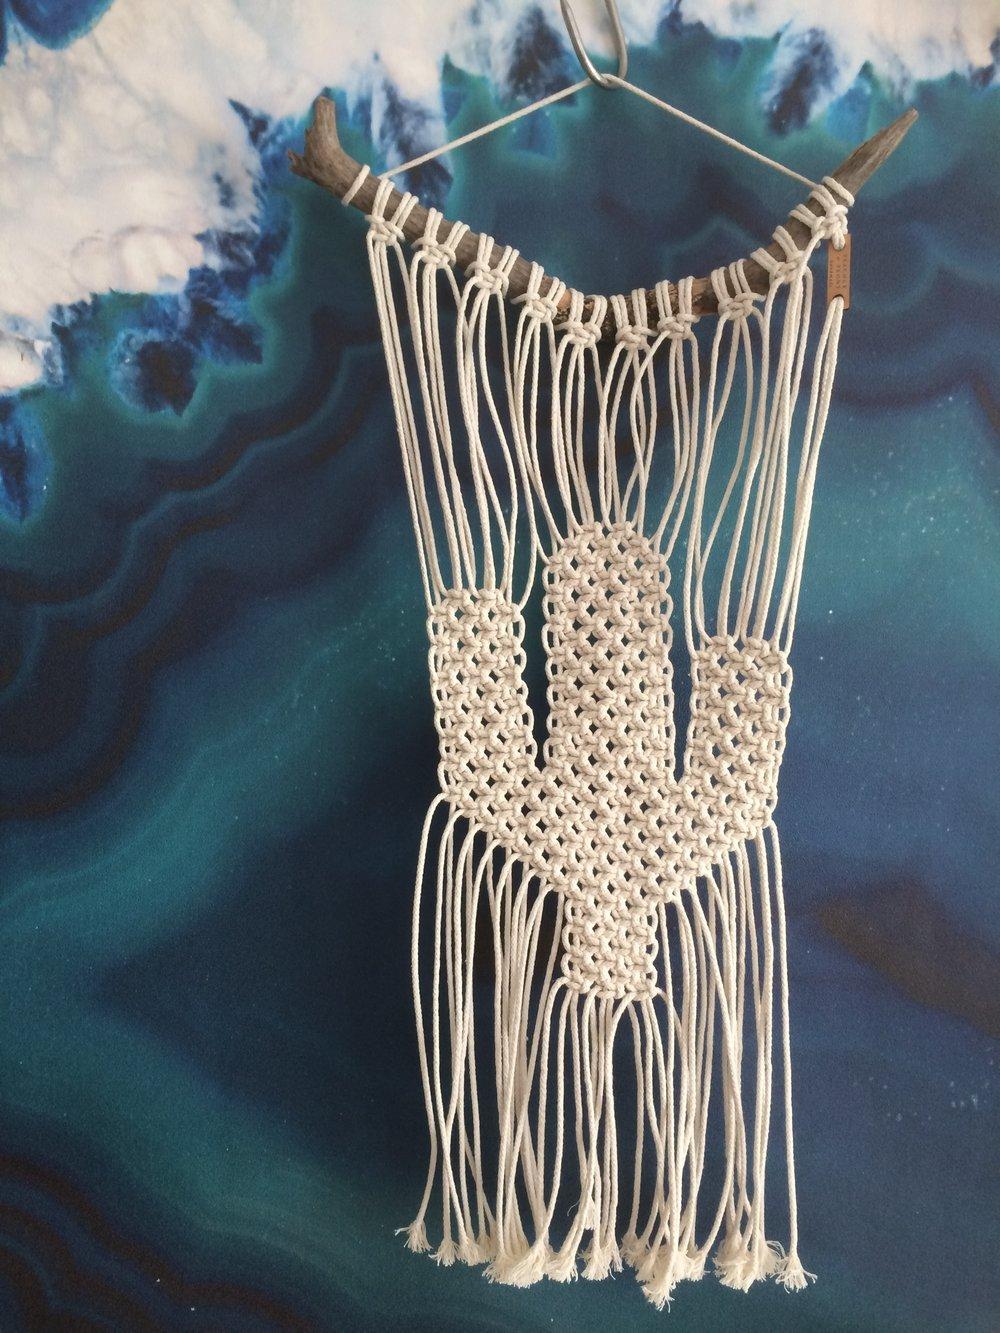 Onze macrame cactus hanger: dé best seller! Te maken naar wens qua ophanging (stok, tak, koperen staaf, etc.) én grootte/kleur hanger!